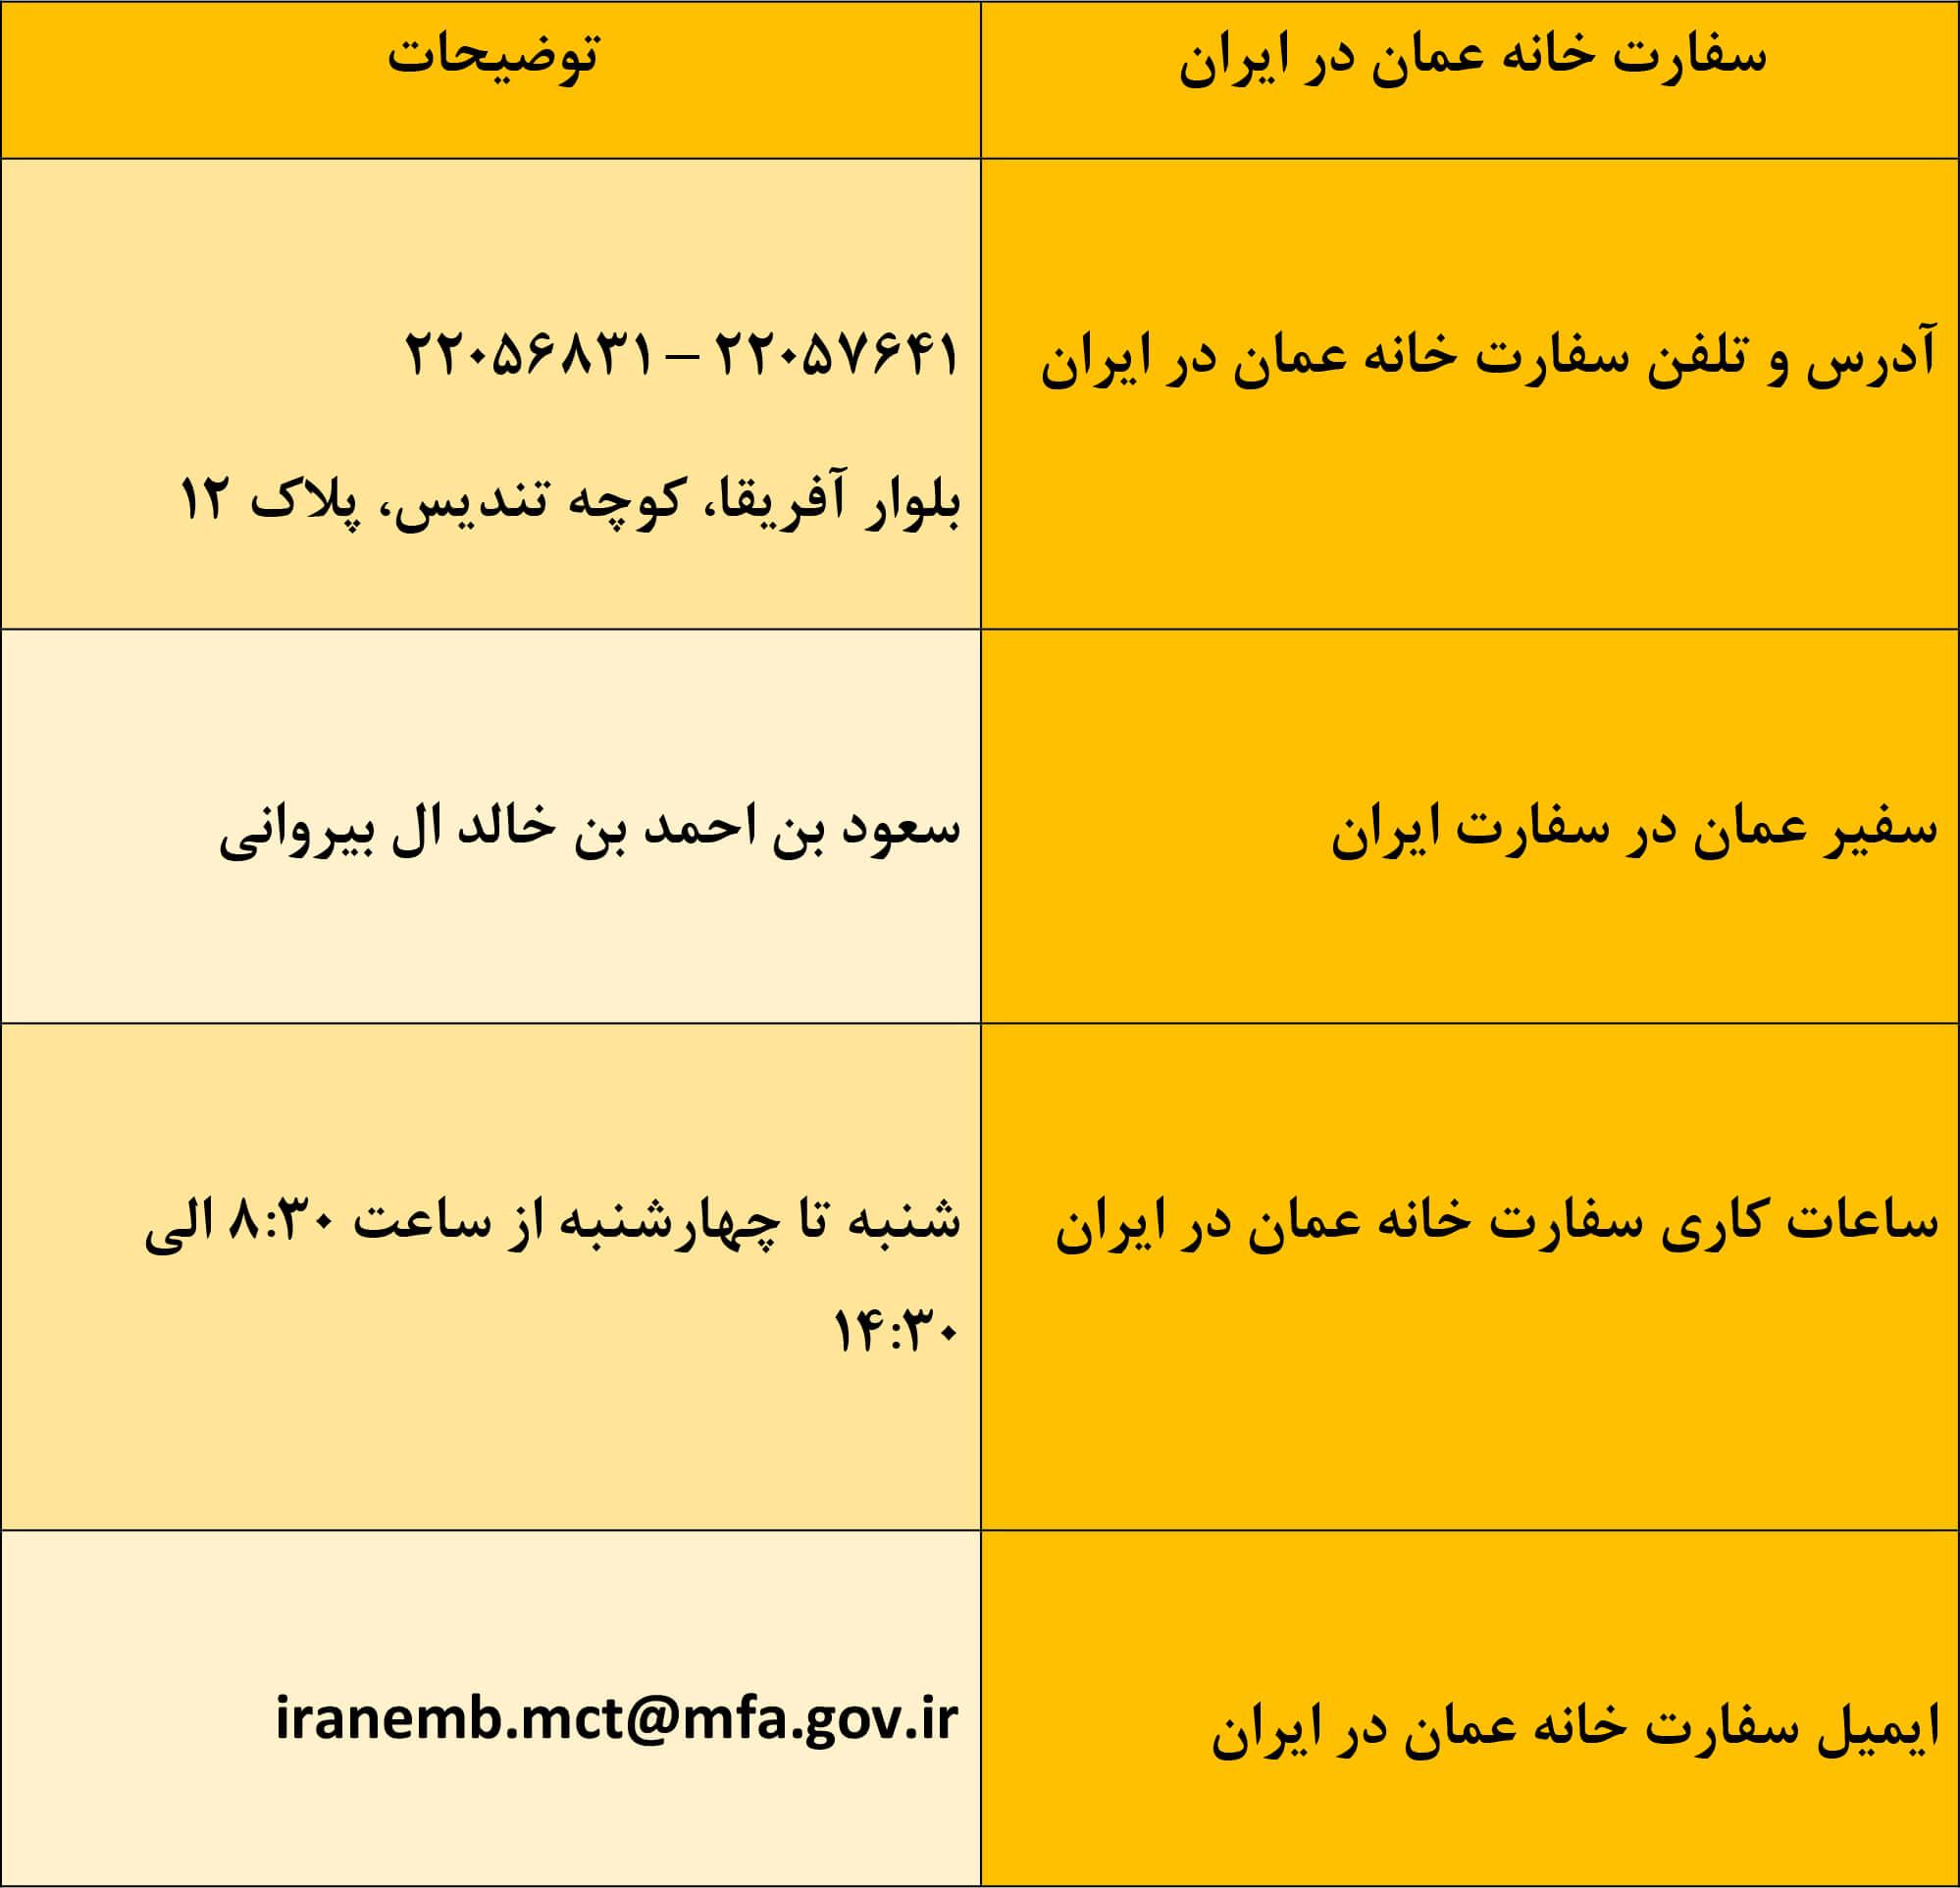 آدرس و شماره تلفن سفارت عمان در ایران